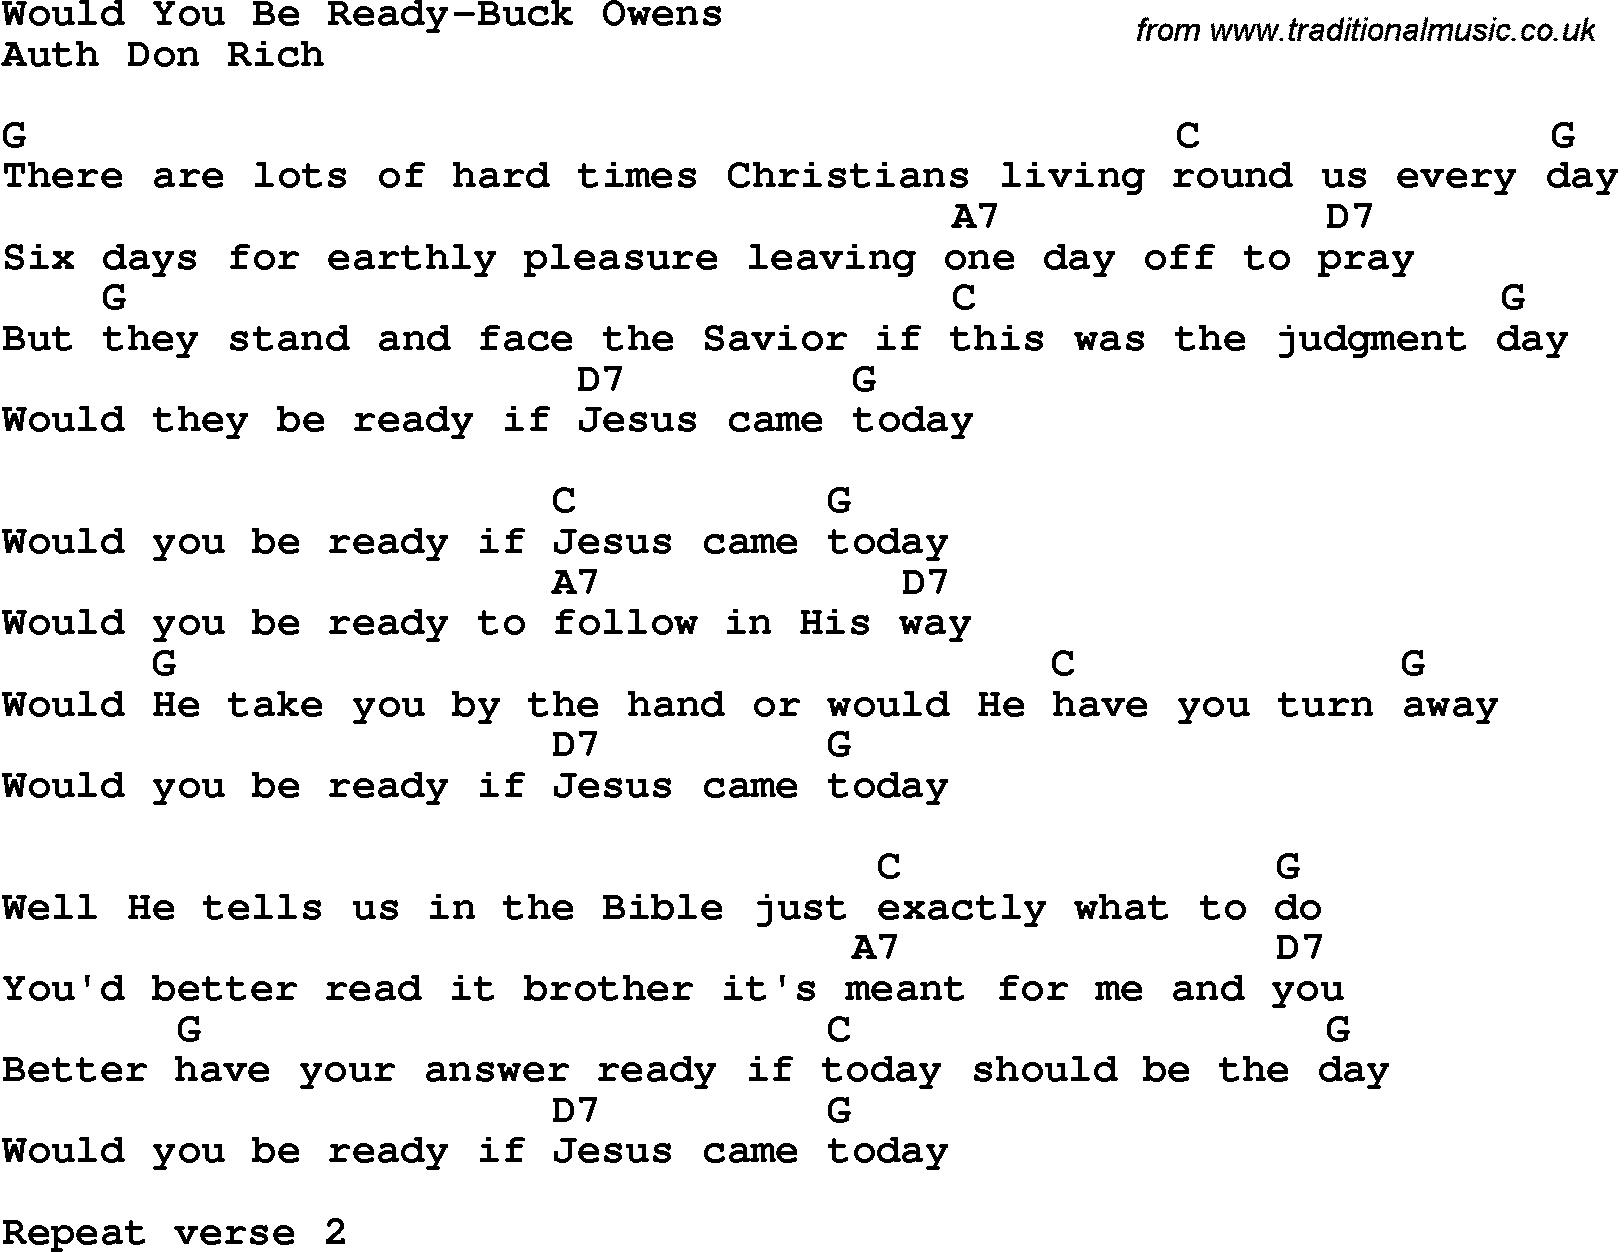 Buck Owens Song Lyrics Bluegrass Gospel Song Would You Be